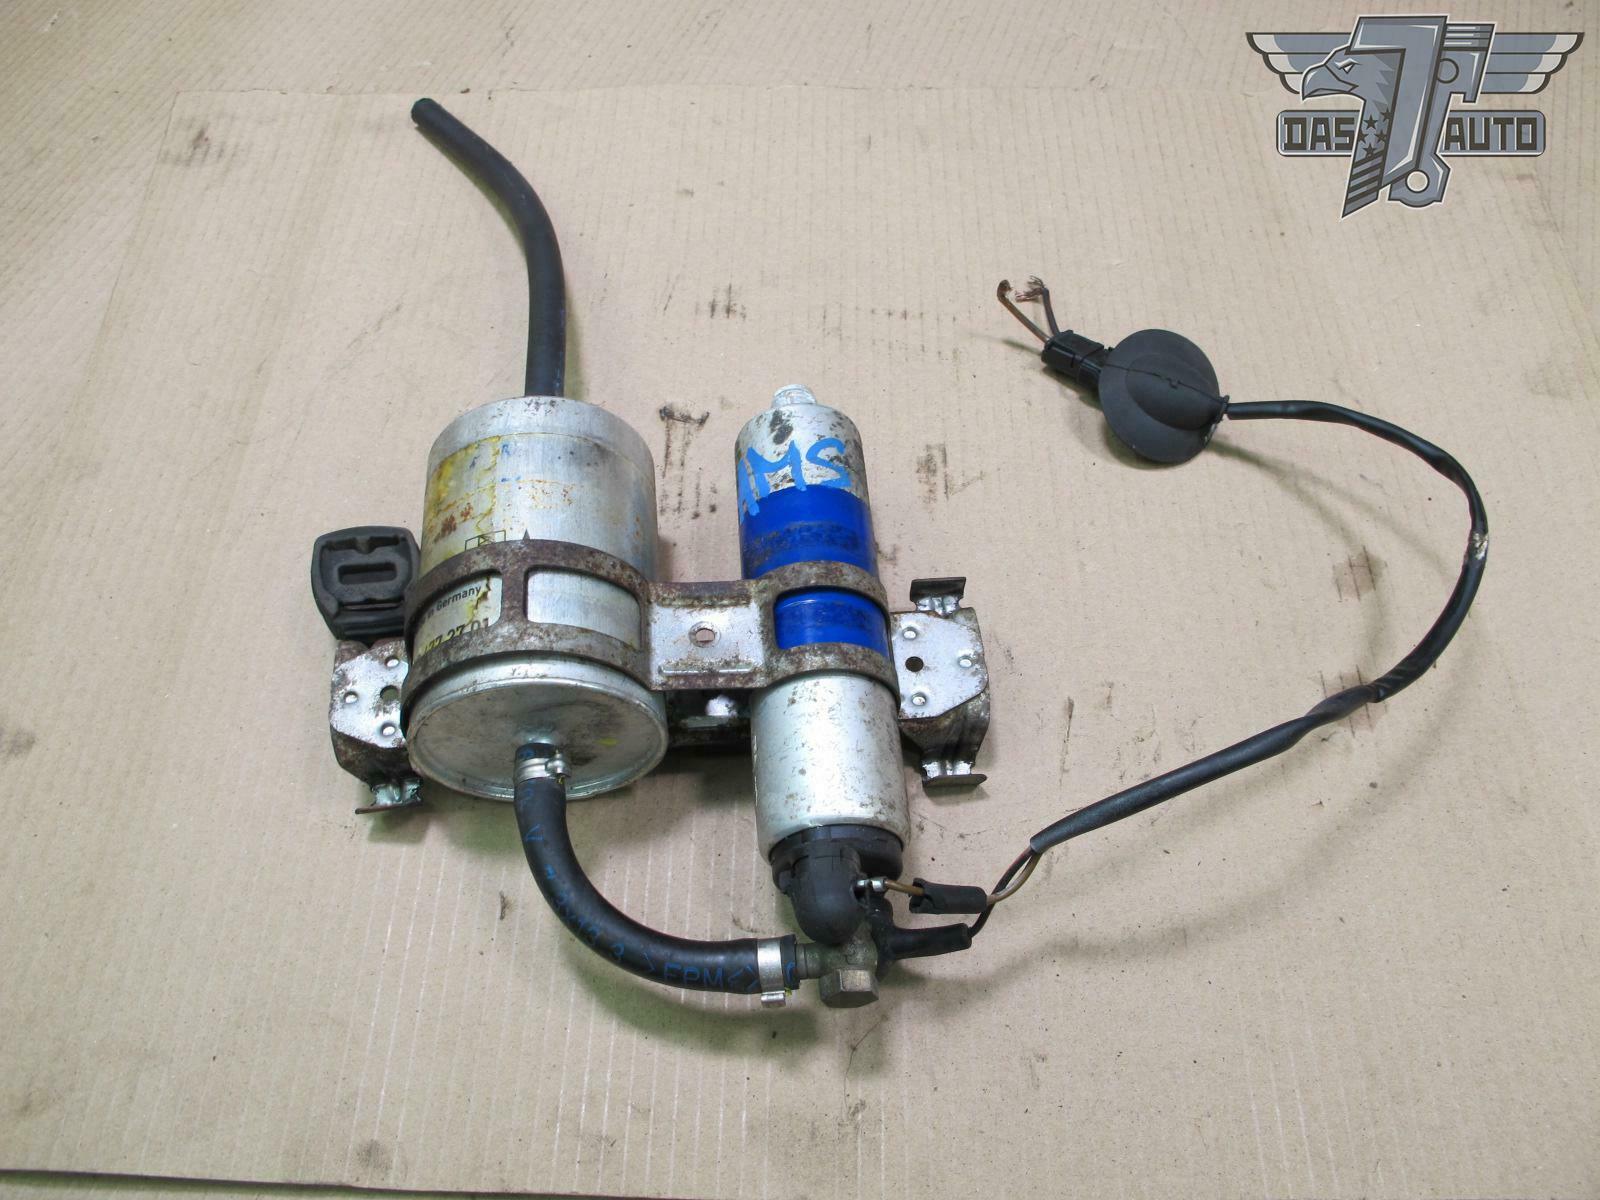 Dl 7255  2000 Mercedes S500 Fuel Pump Location Schematic